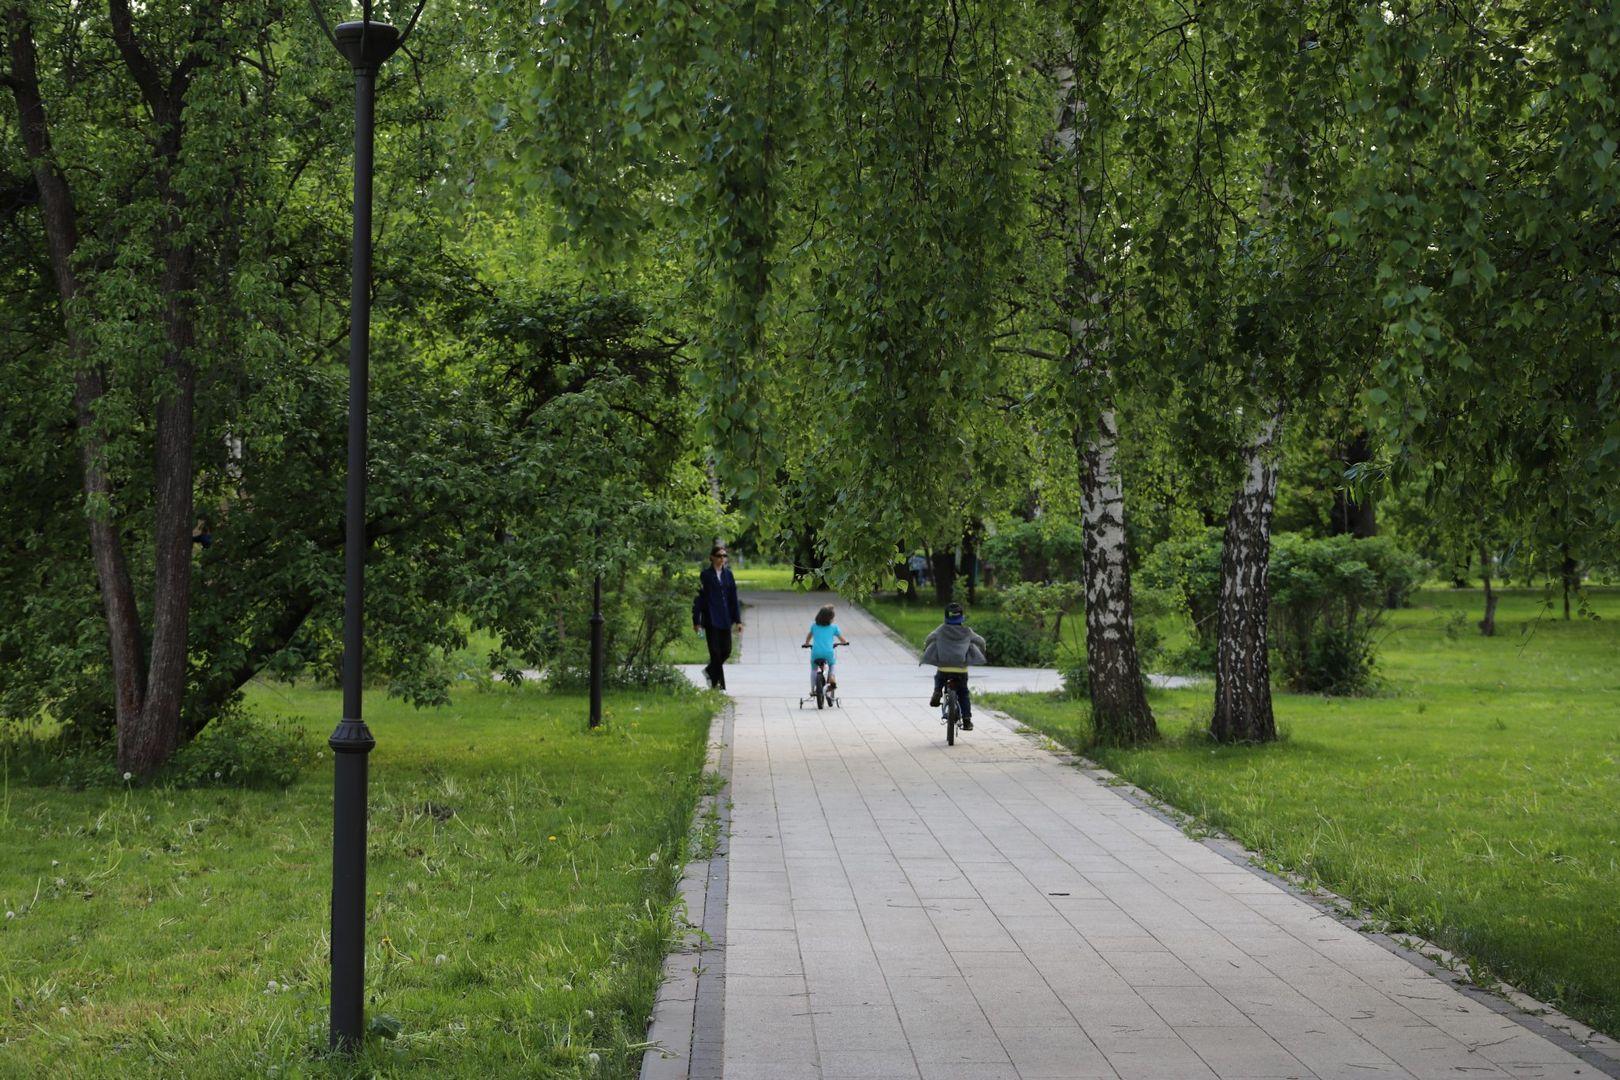 Благоустройство Москвы, Ботанический сад, парки Москвы, Ростокино, Сад Будущего, сквер